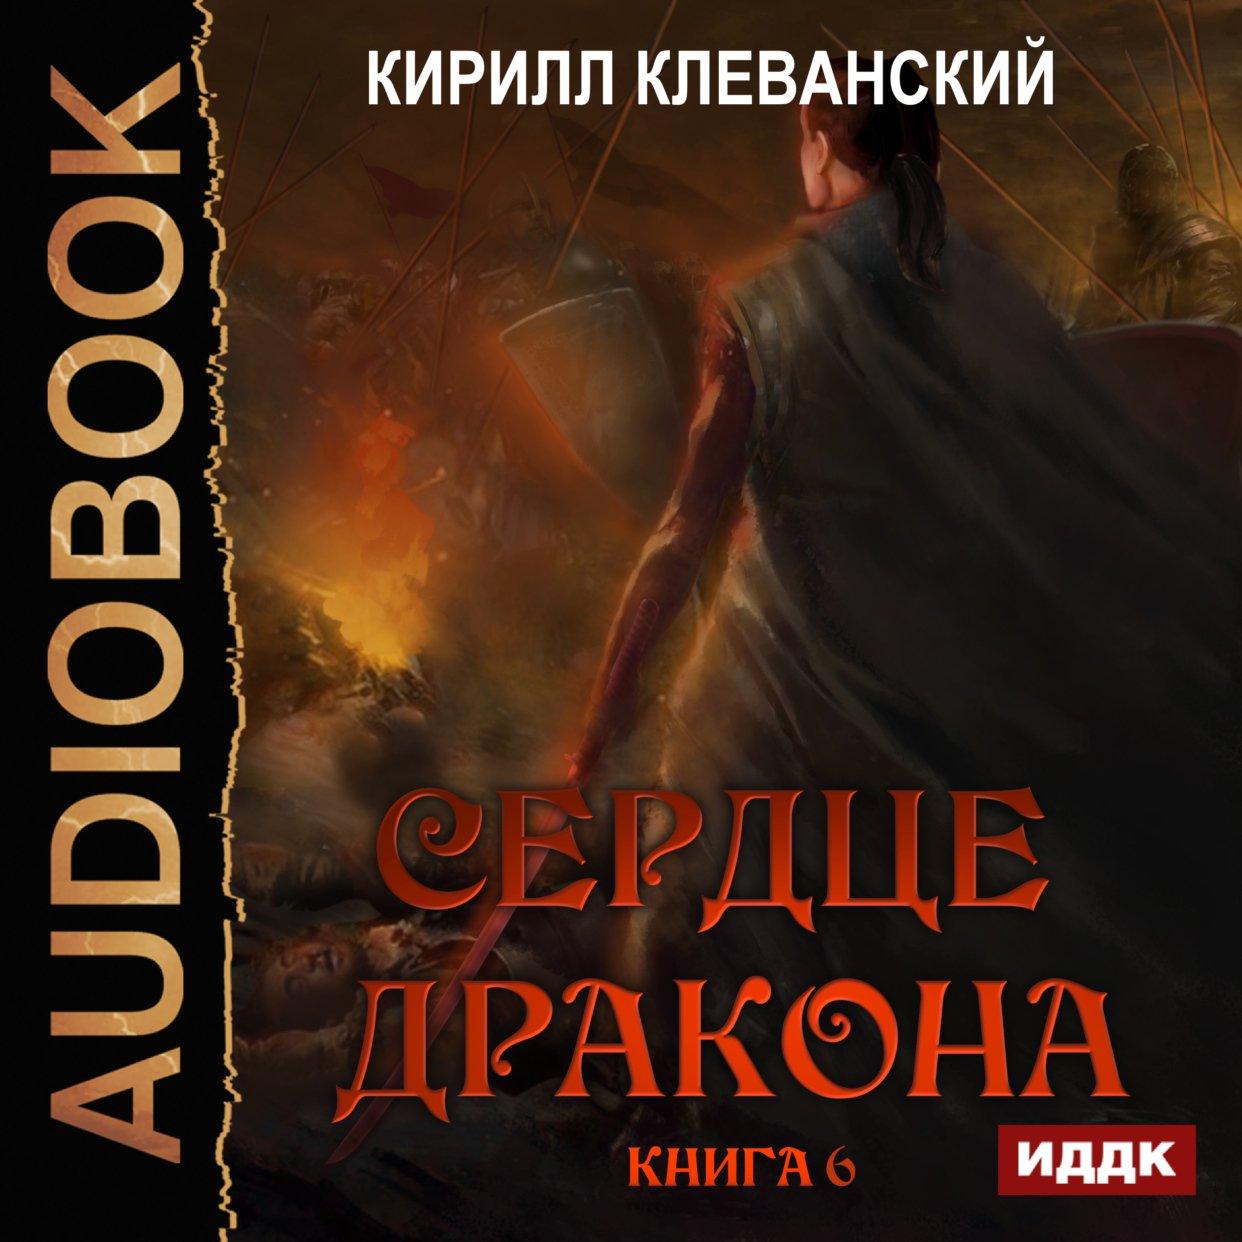 Сердце Дракона. Книга 6